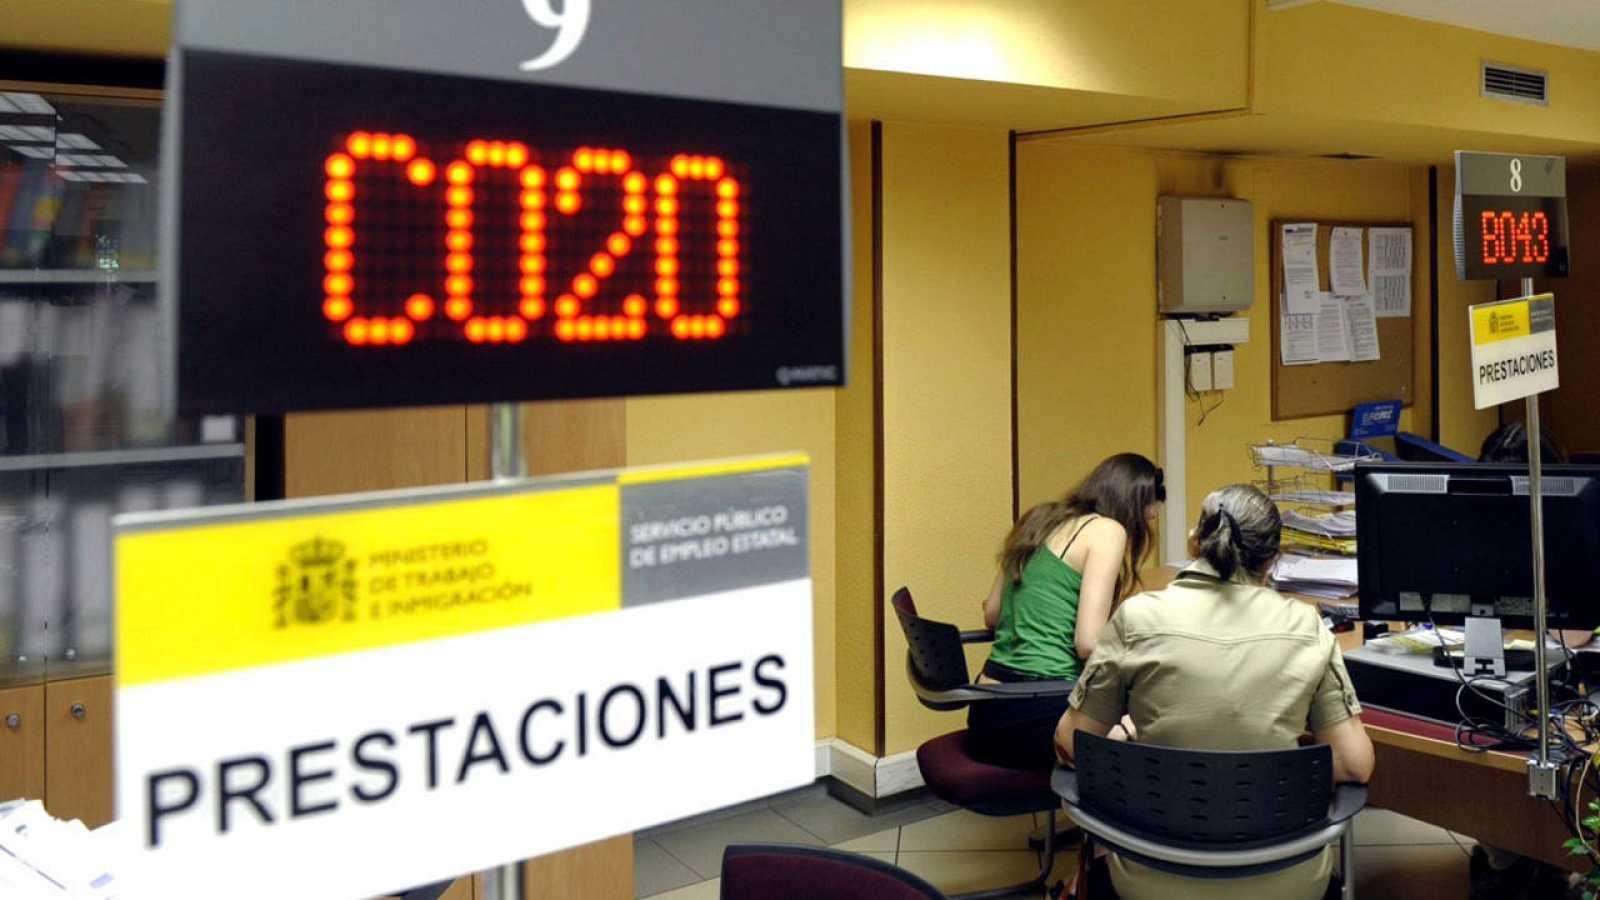 Prestaciones Por Desempleo El Numero De Beneficiarios El Mas Bajo